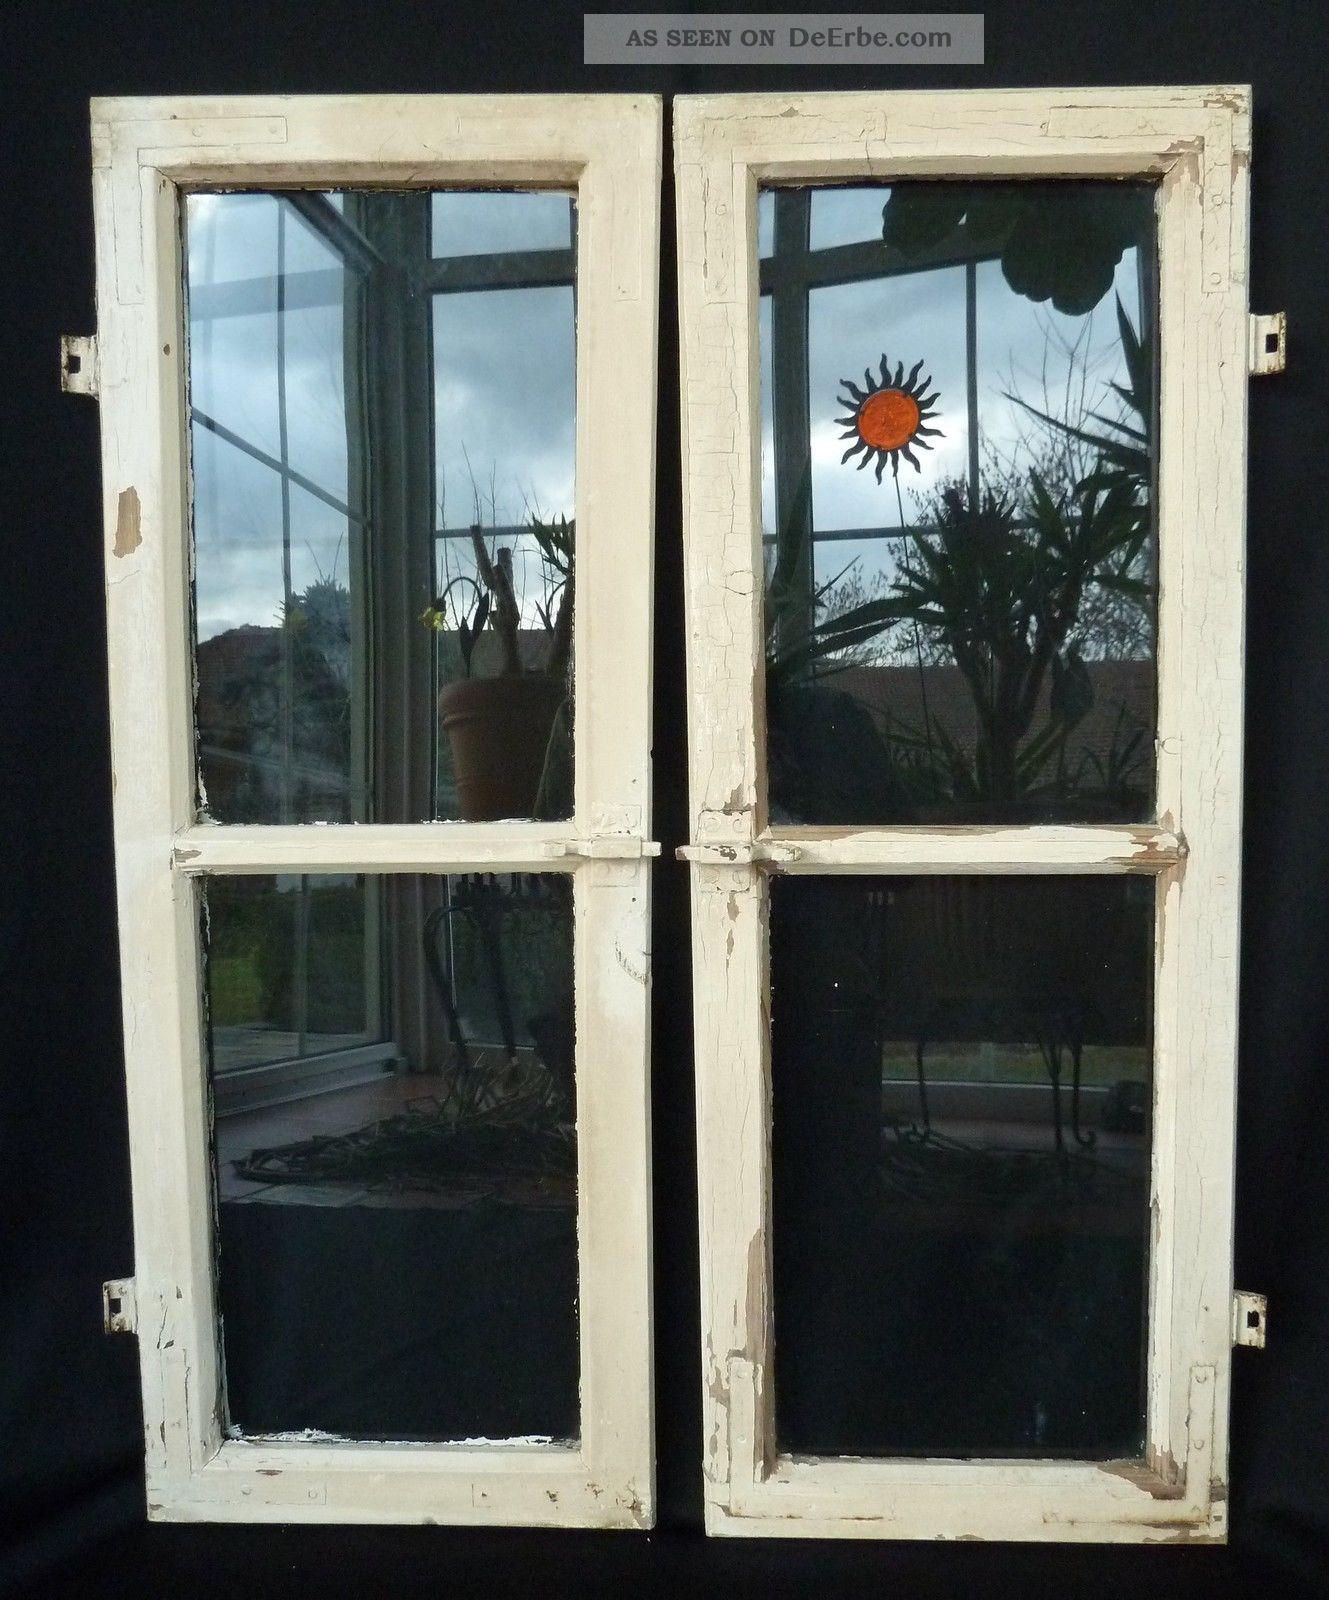 Alte fenster holzfenster oberlichten mit sprossen 2 st ck for Fenster mit sprossen